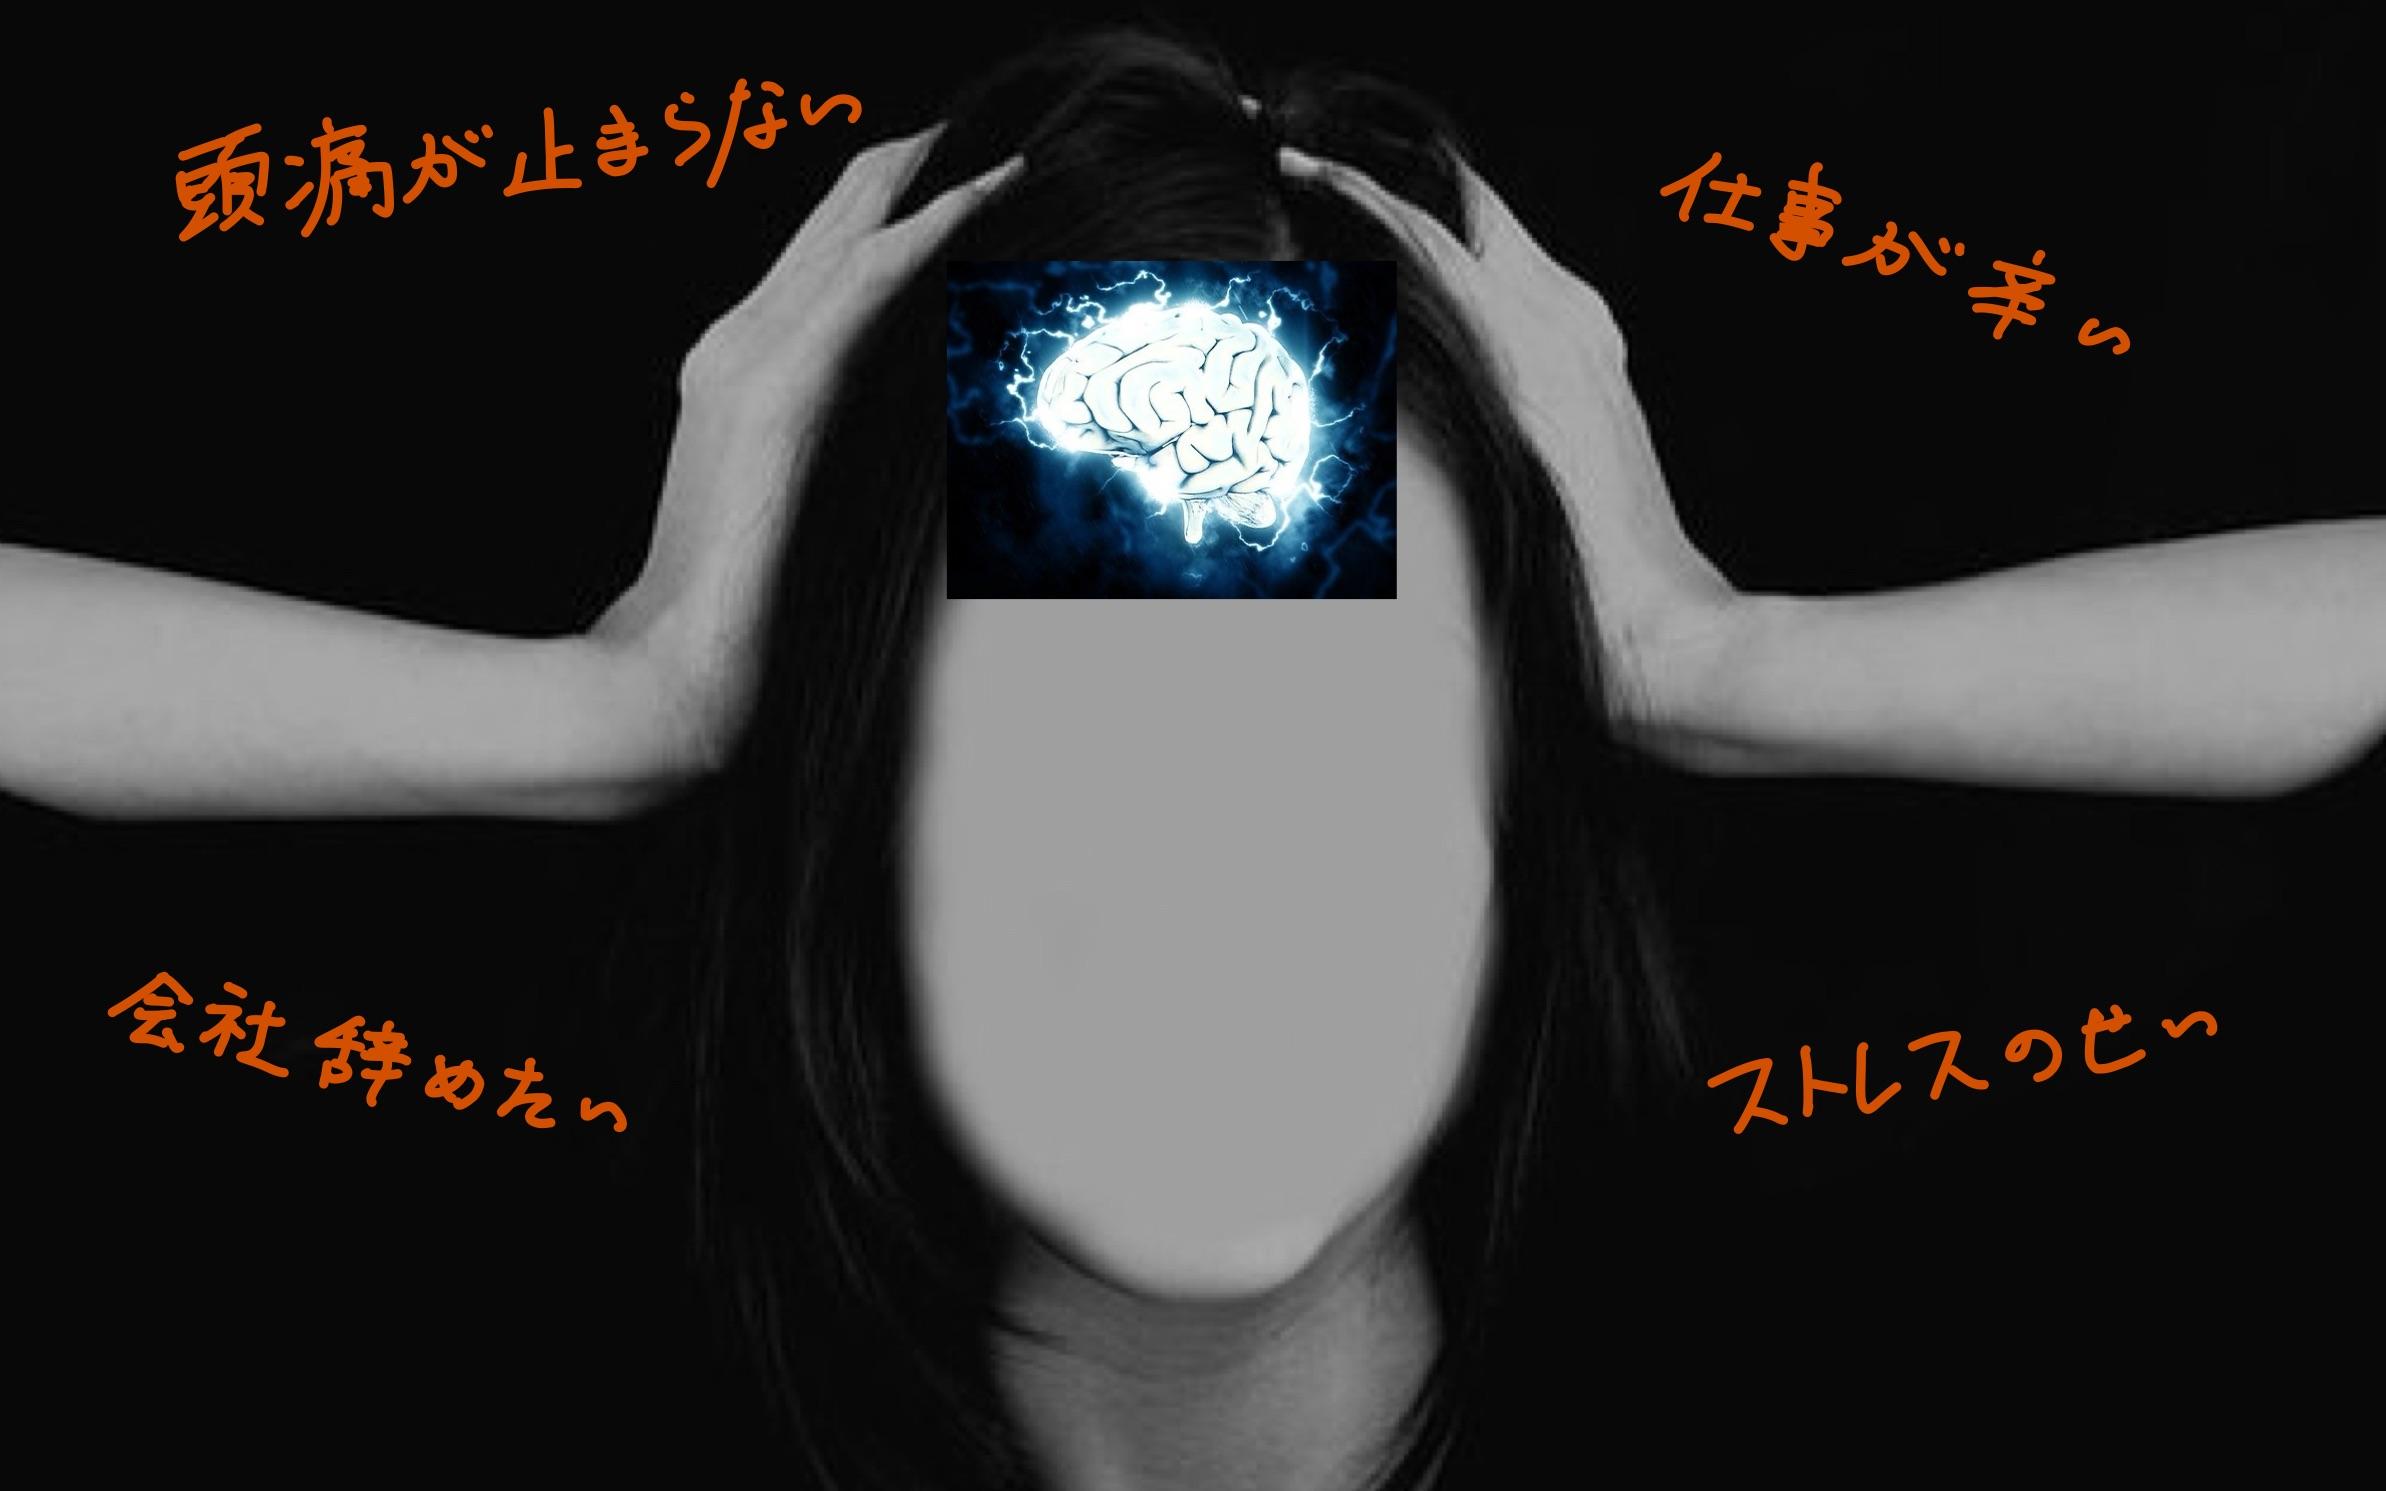 入社数ヶ月でストレス性頭痛に悩まされて内科に行った話